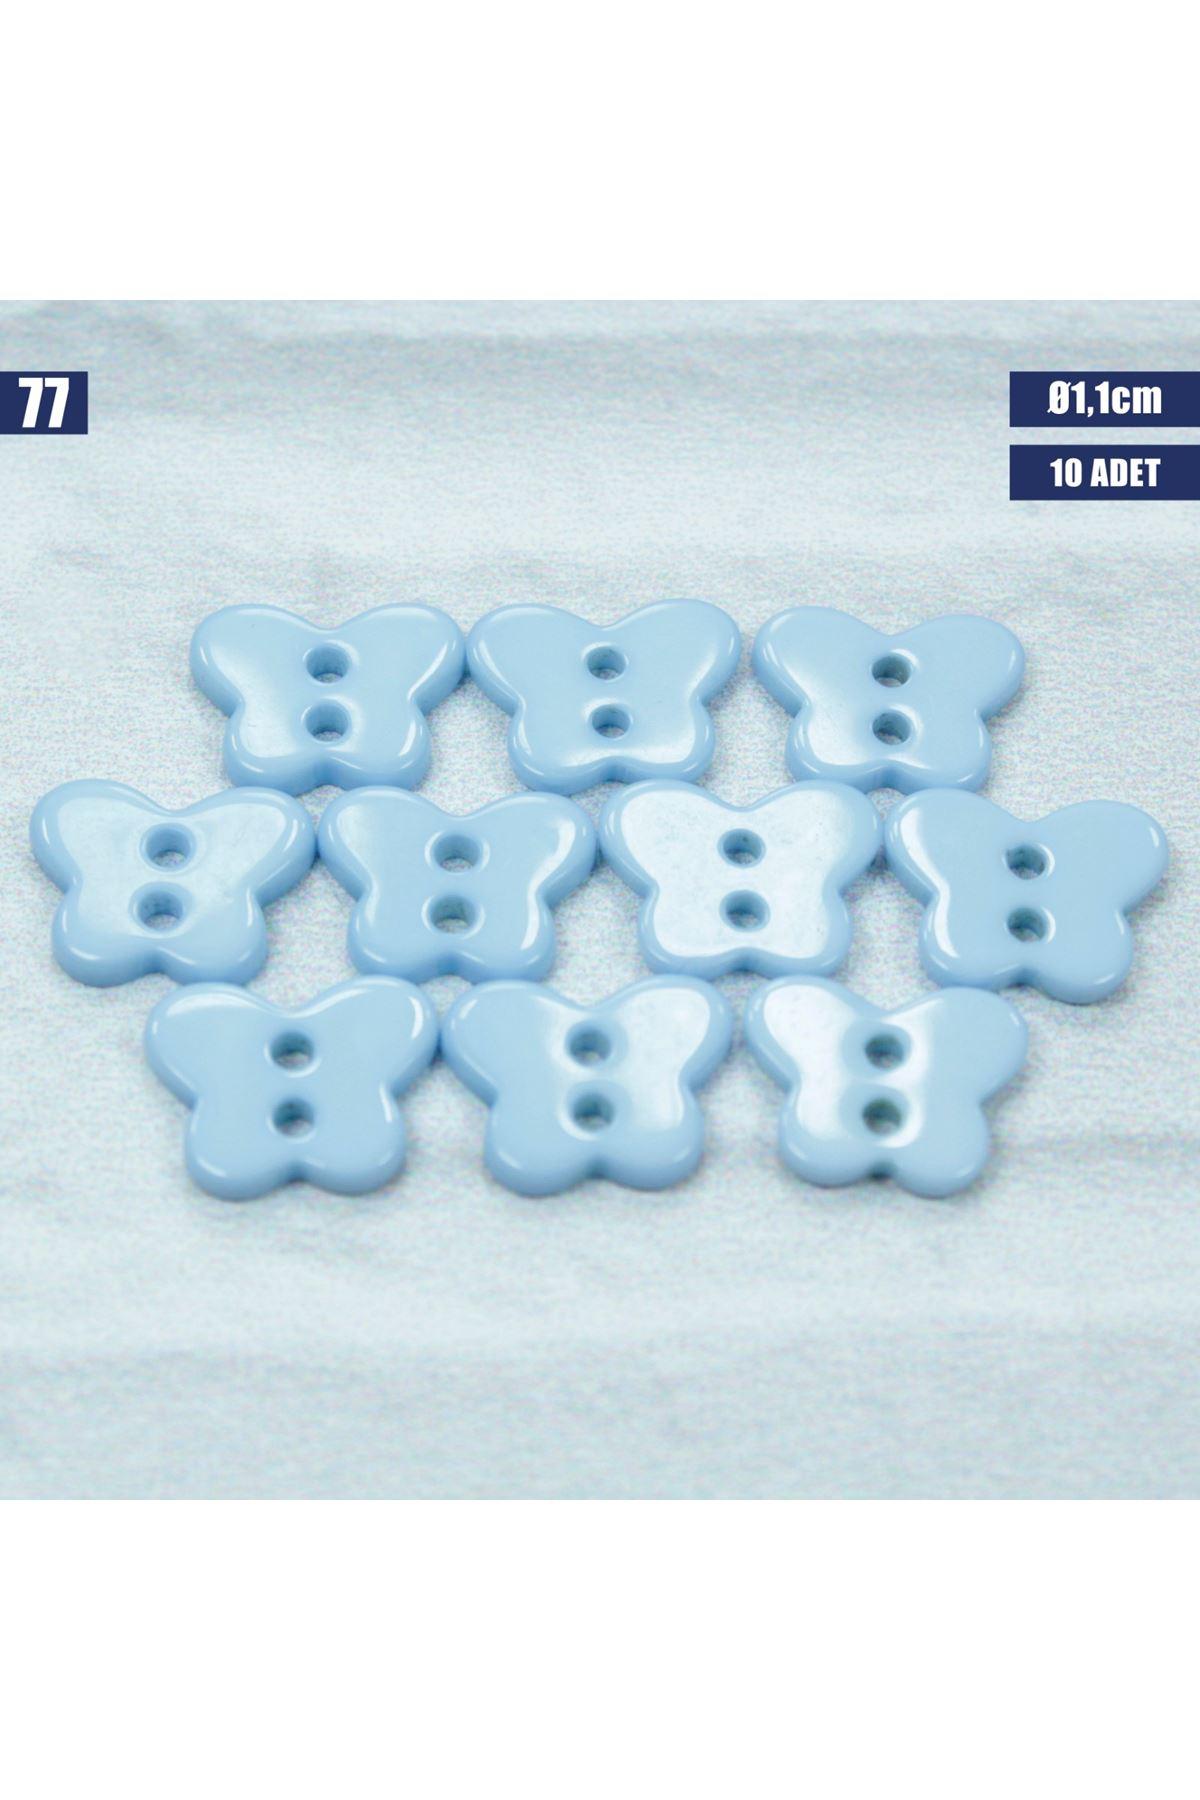 Amigurumi Düğmesi Ø 1,1cm - 77